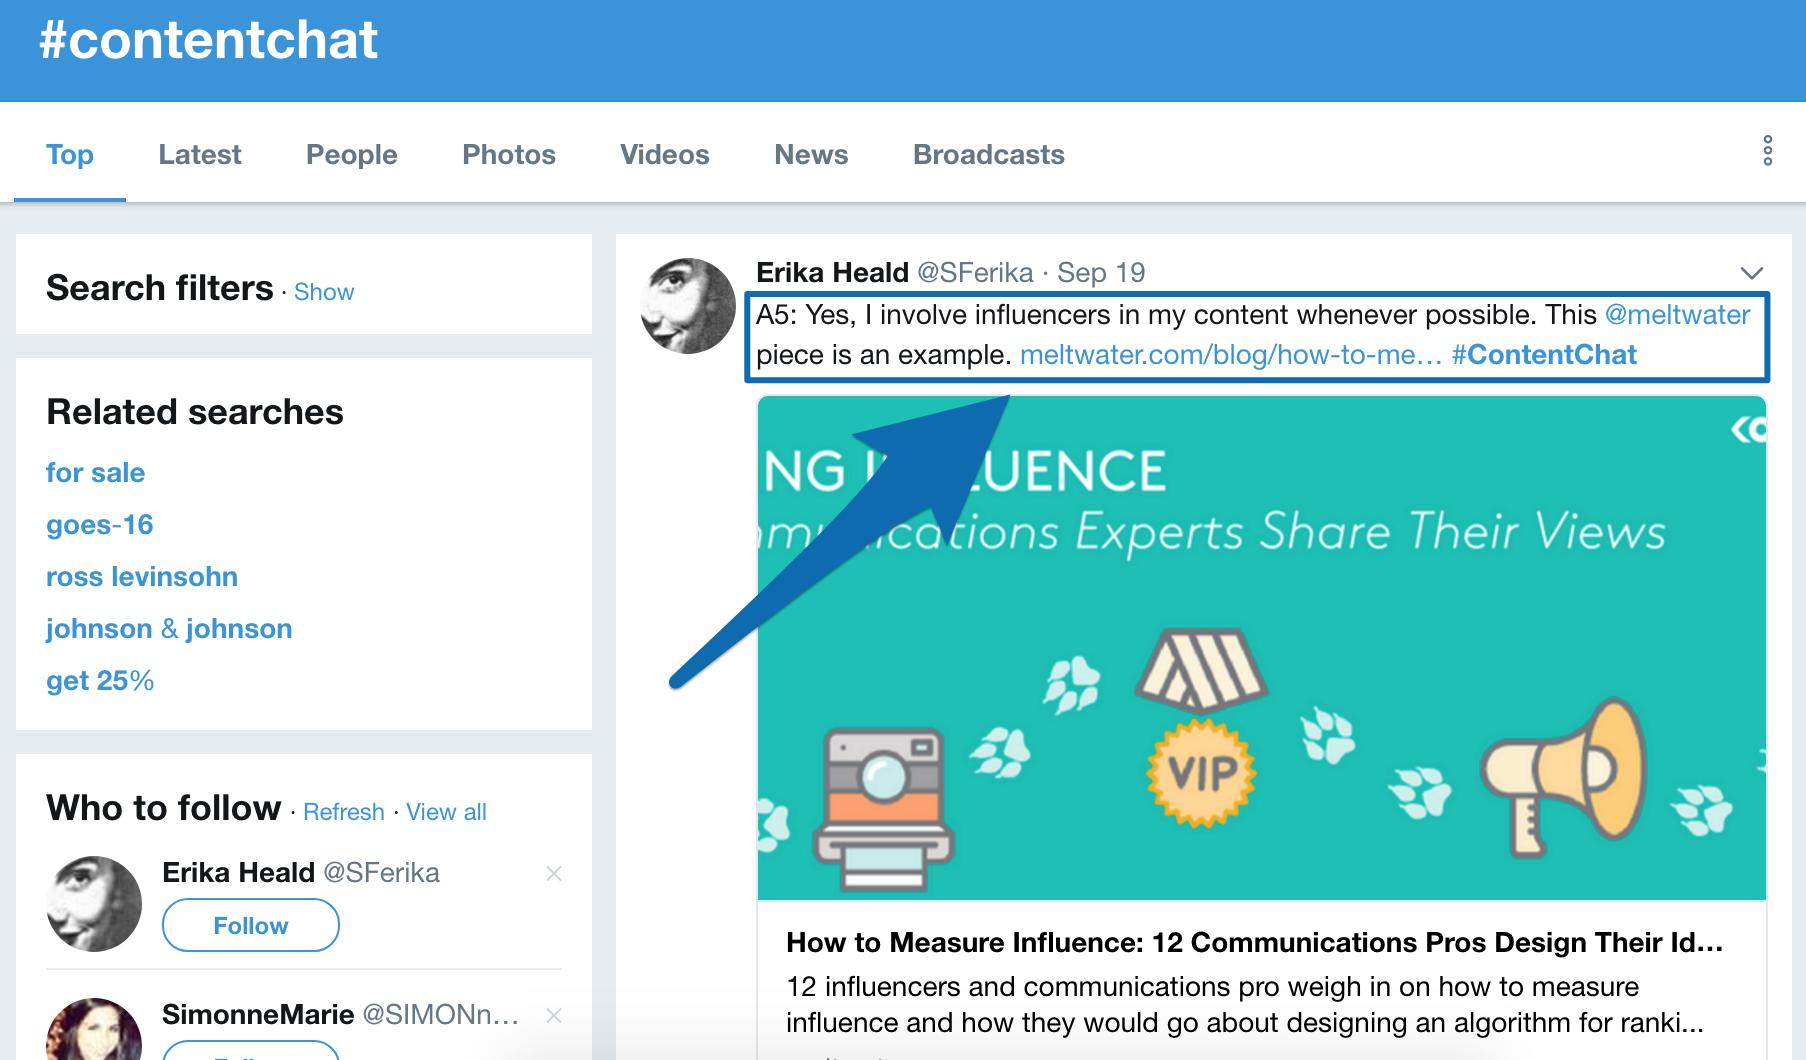 Screenshot showing a Twitter post by Erika Heald